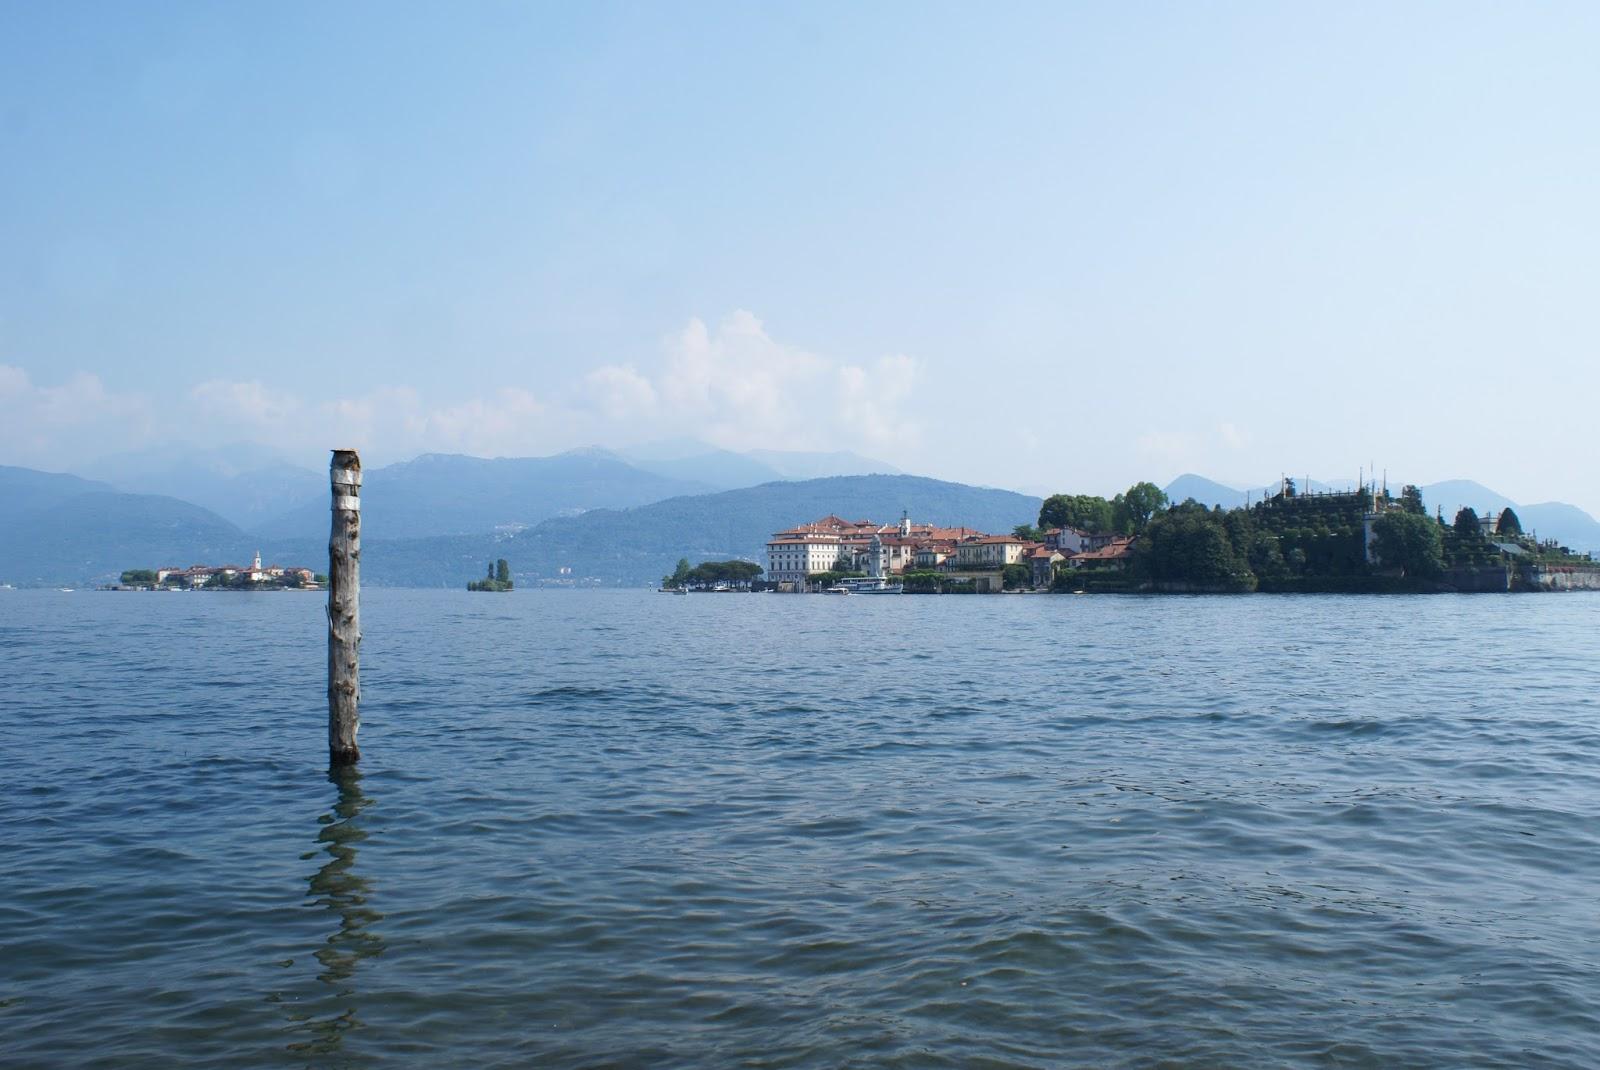 carciano isole borromee borromées isola bella lago maggiore piemonte italy